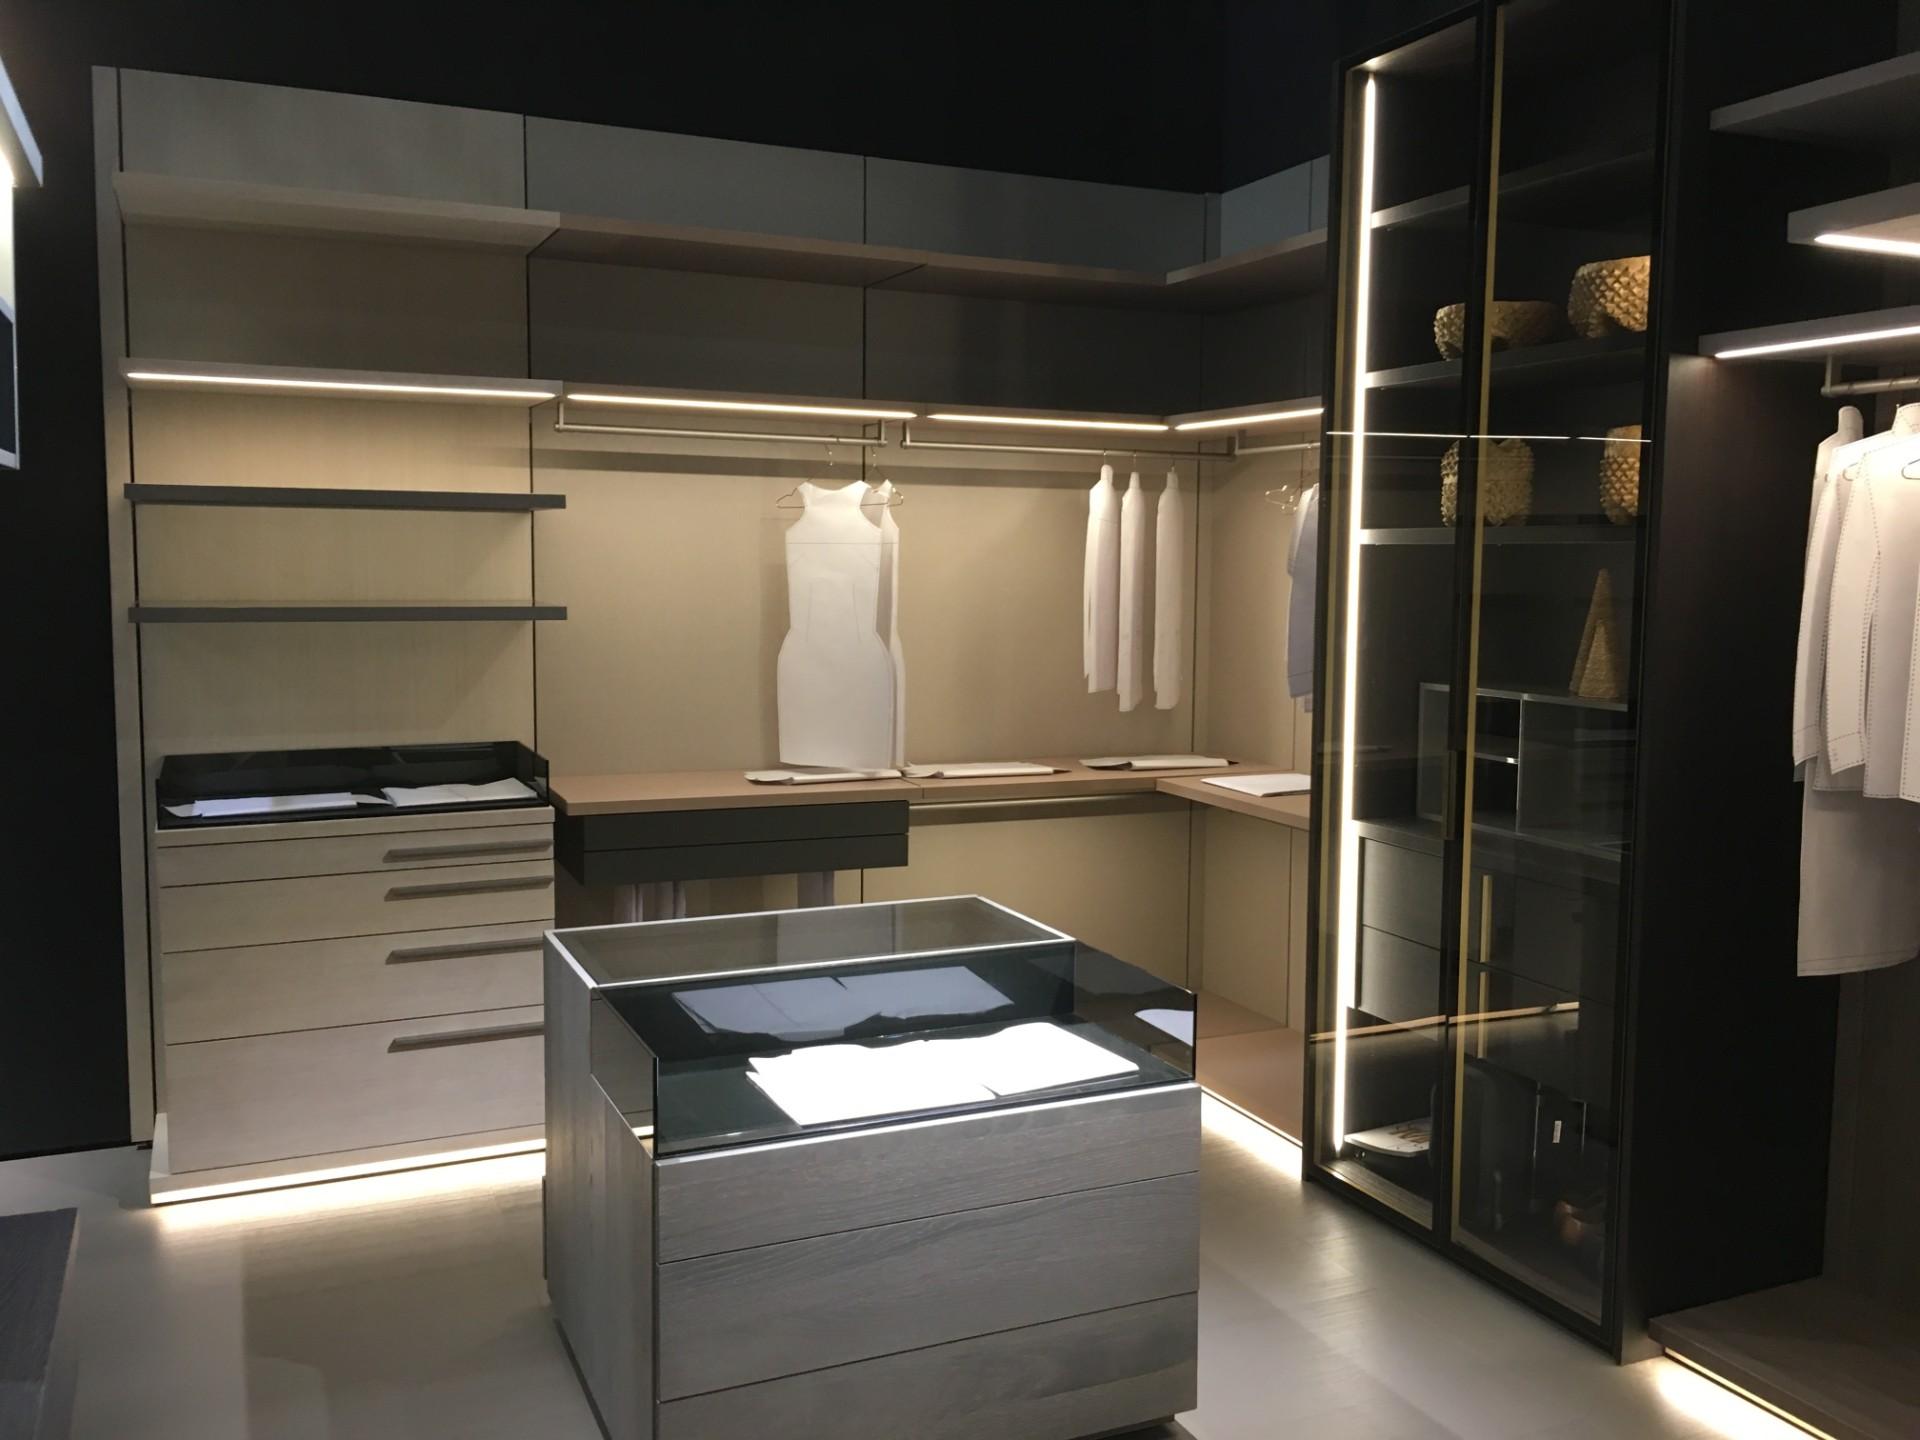 feria-habitat-valencia-2018-interiorismo-interiores-mobiliario-muebles-14